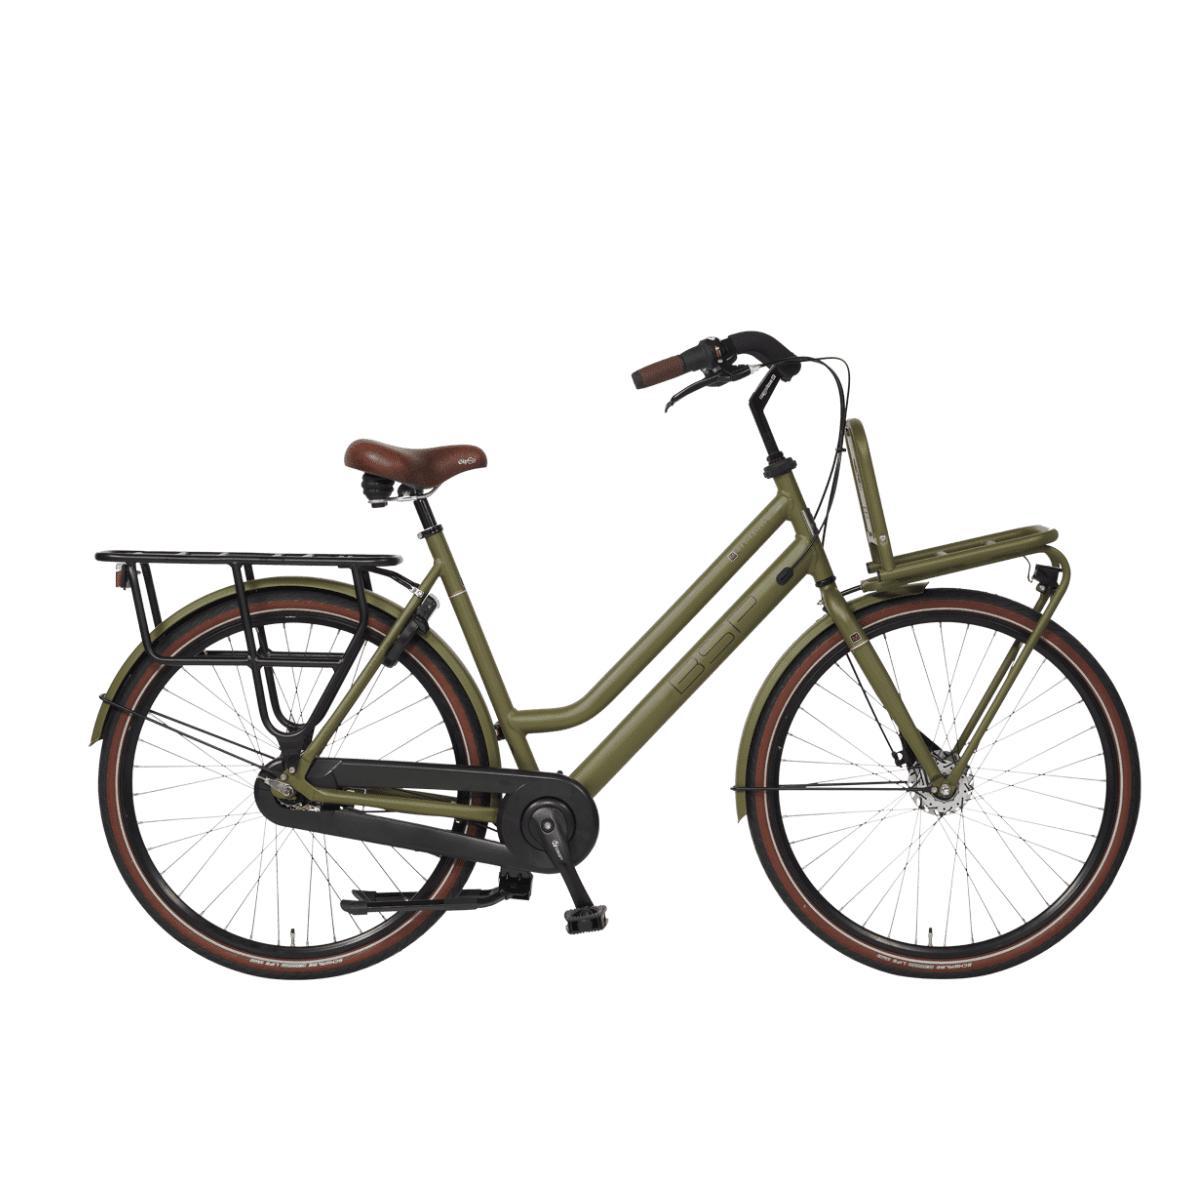 2021_product_bsp_fietsen0920_z1200x900-min (1)